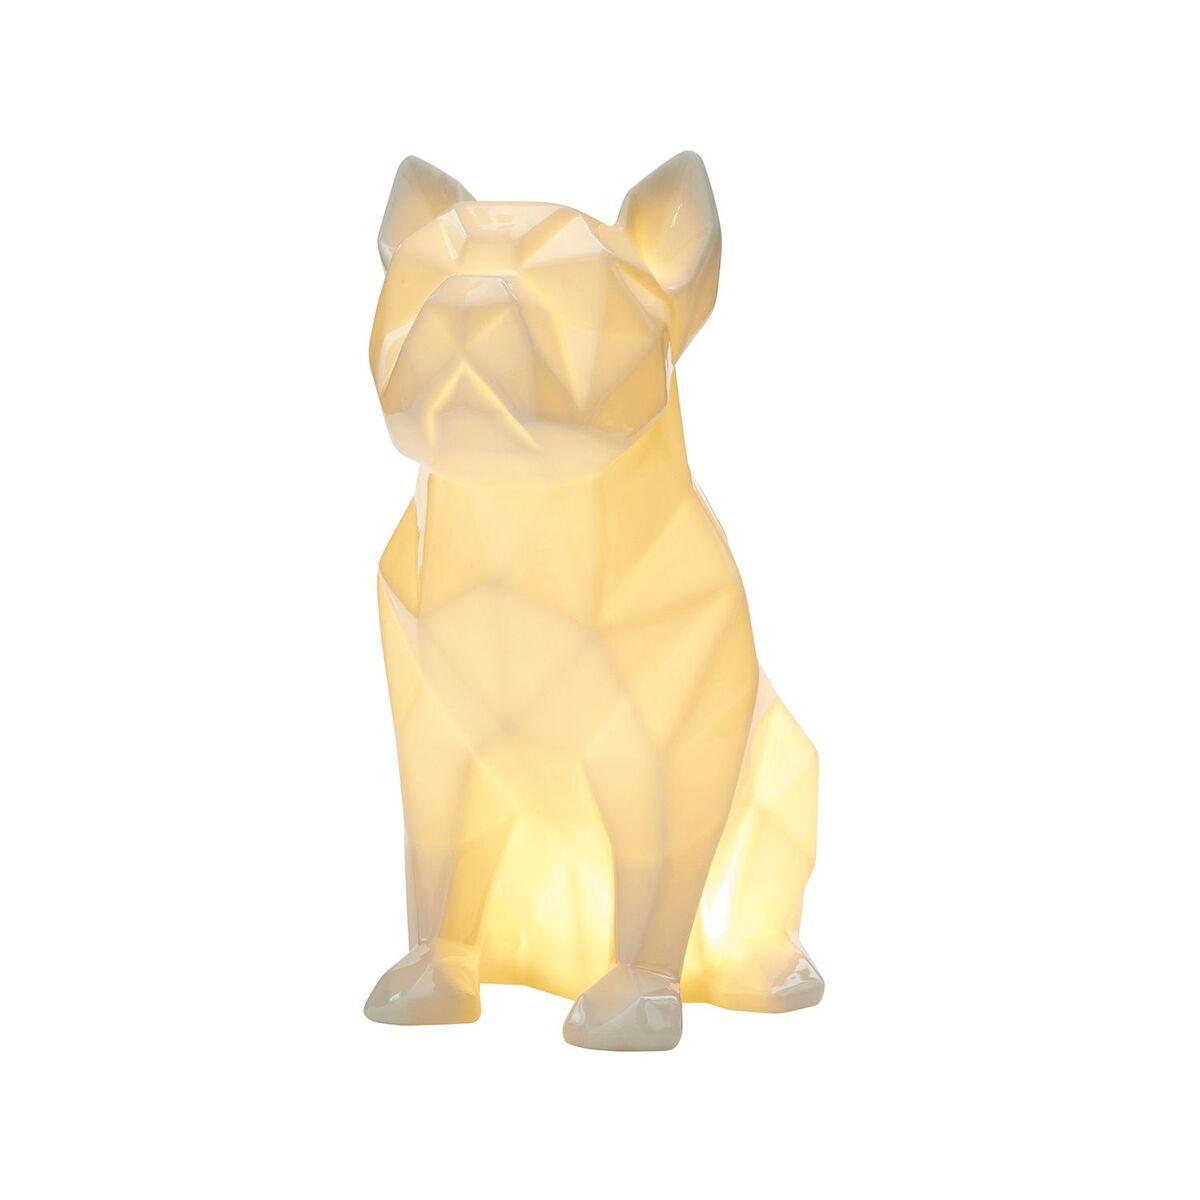 Bild 1 von CASA Deco LED Geometrisches Porzellantier